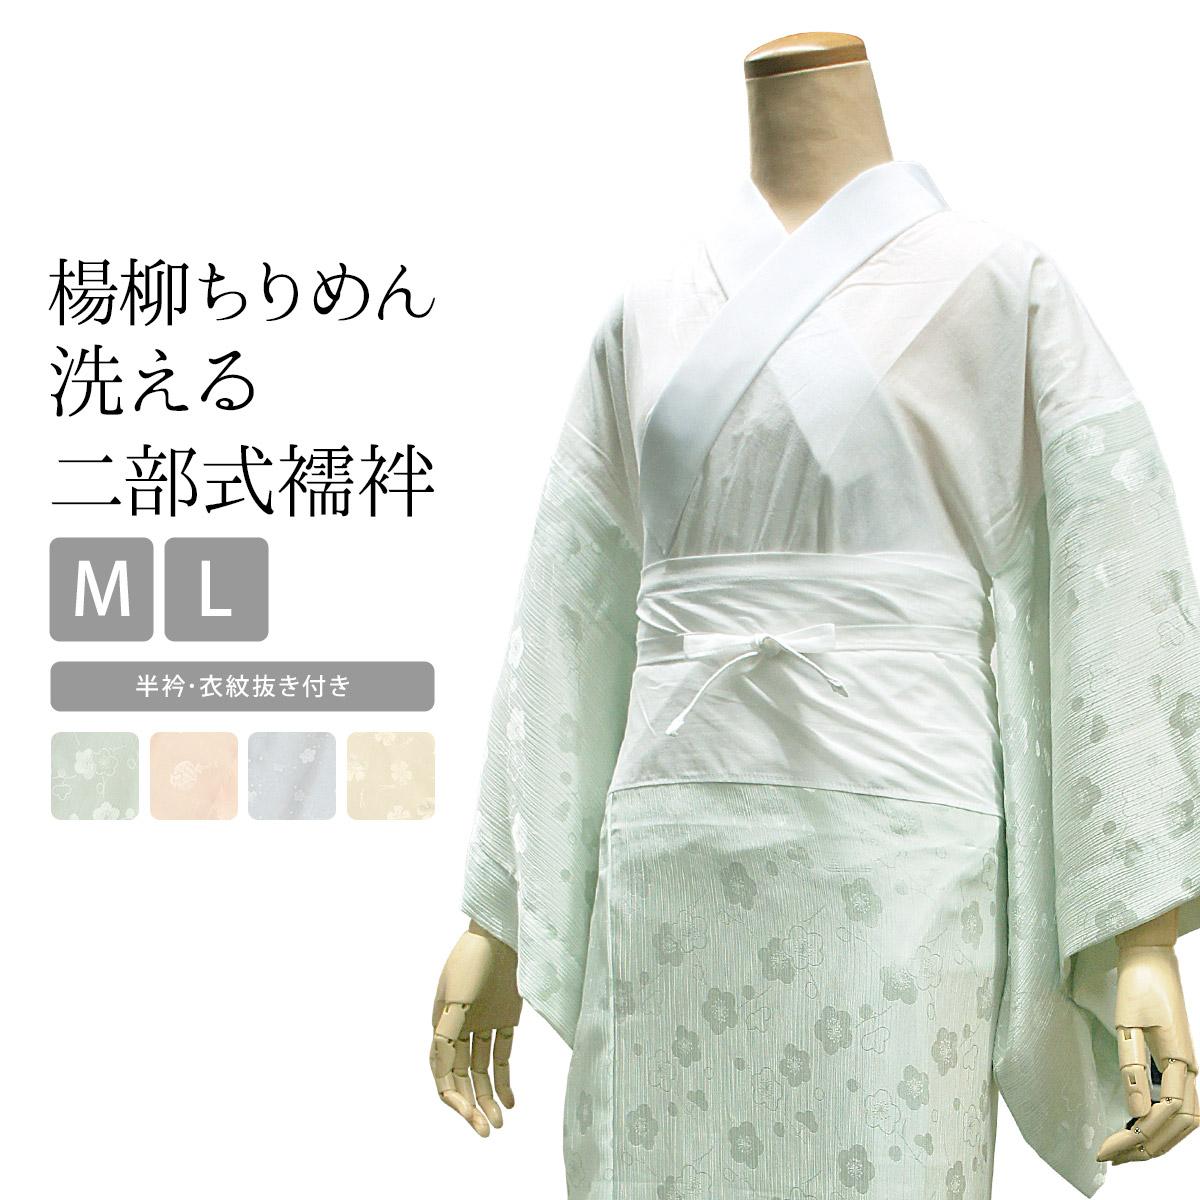 二部式襦袢 襦袢 洗える M L 洗える 和装 小物 着物 ■二部式襦袢 洗える 襦袢 4色 M L 楊柳 ちりめん(半衿・衣紋抜き・腰紐付き) 日本製 洗える襦袢 じゅばん お仕立て上がり マイフィット きもの専科